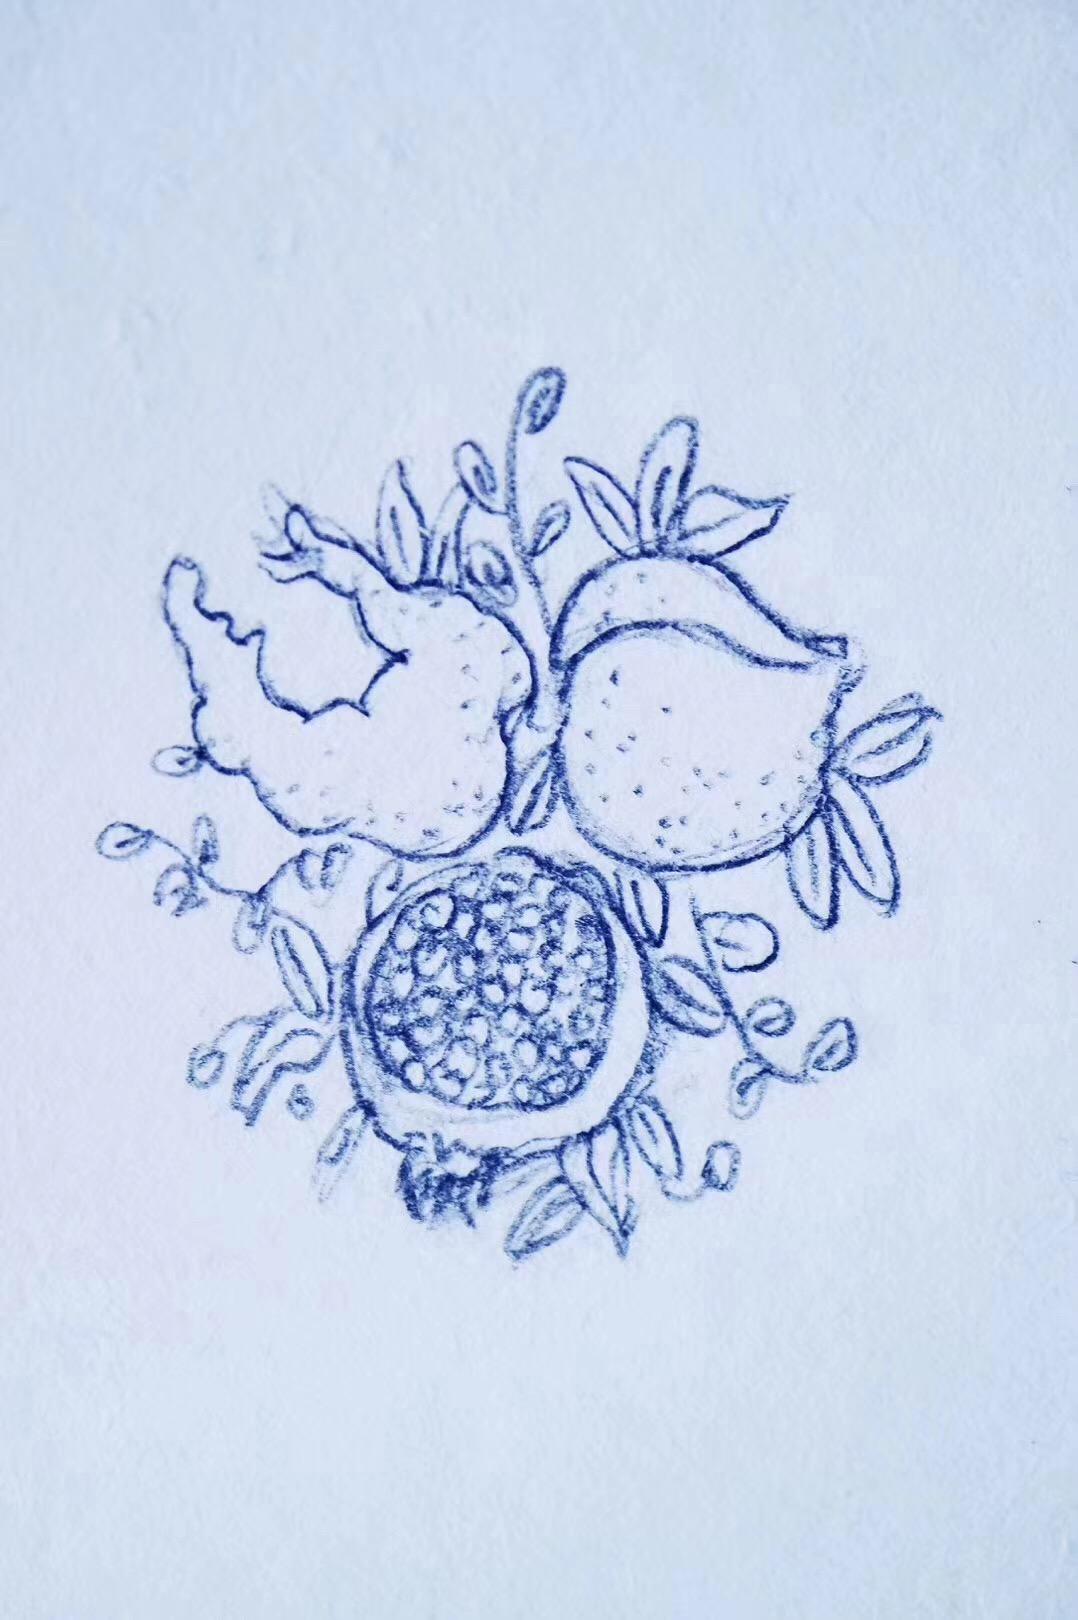 【菩心·胎毛设计】妈咪想要给属猴子滴小宝宝一生的守护和祝福-菩心晶舍